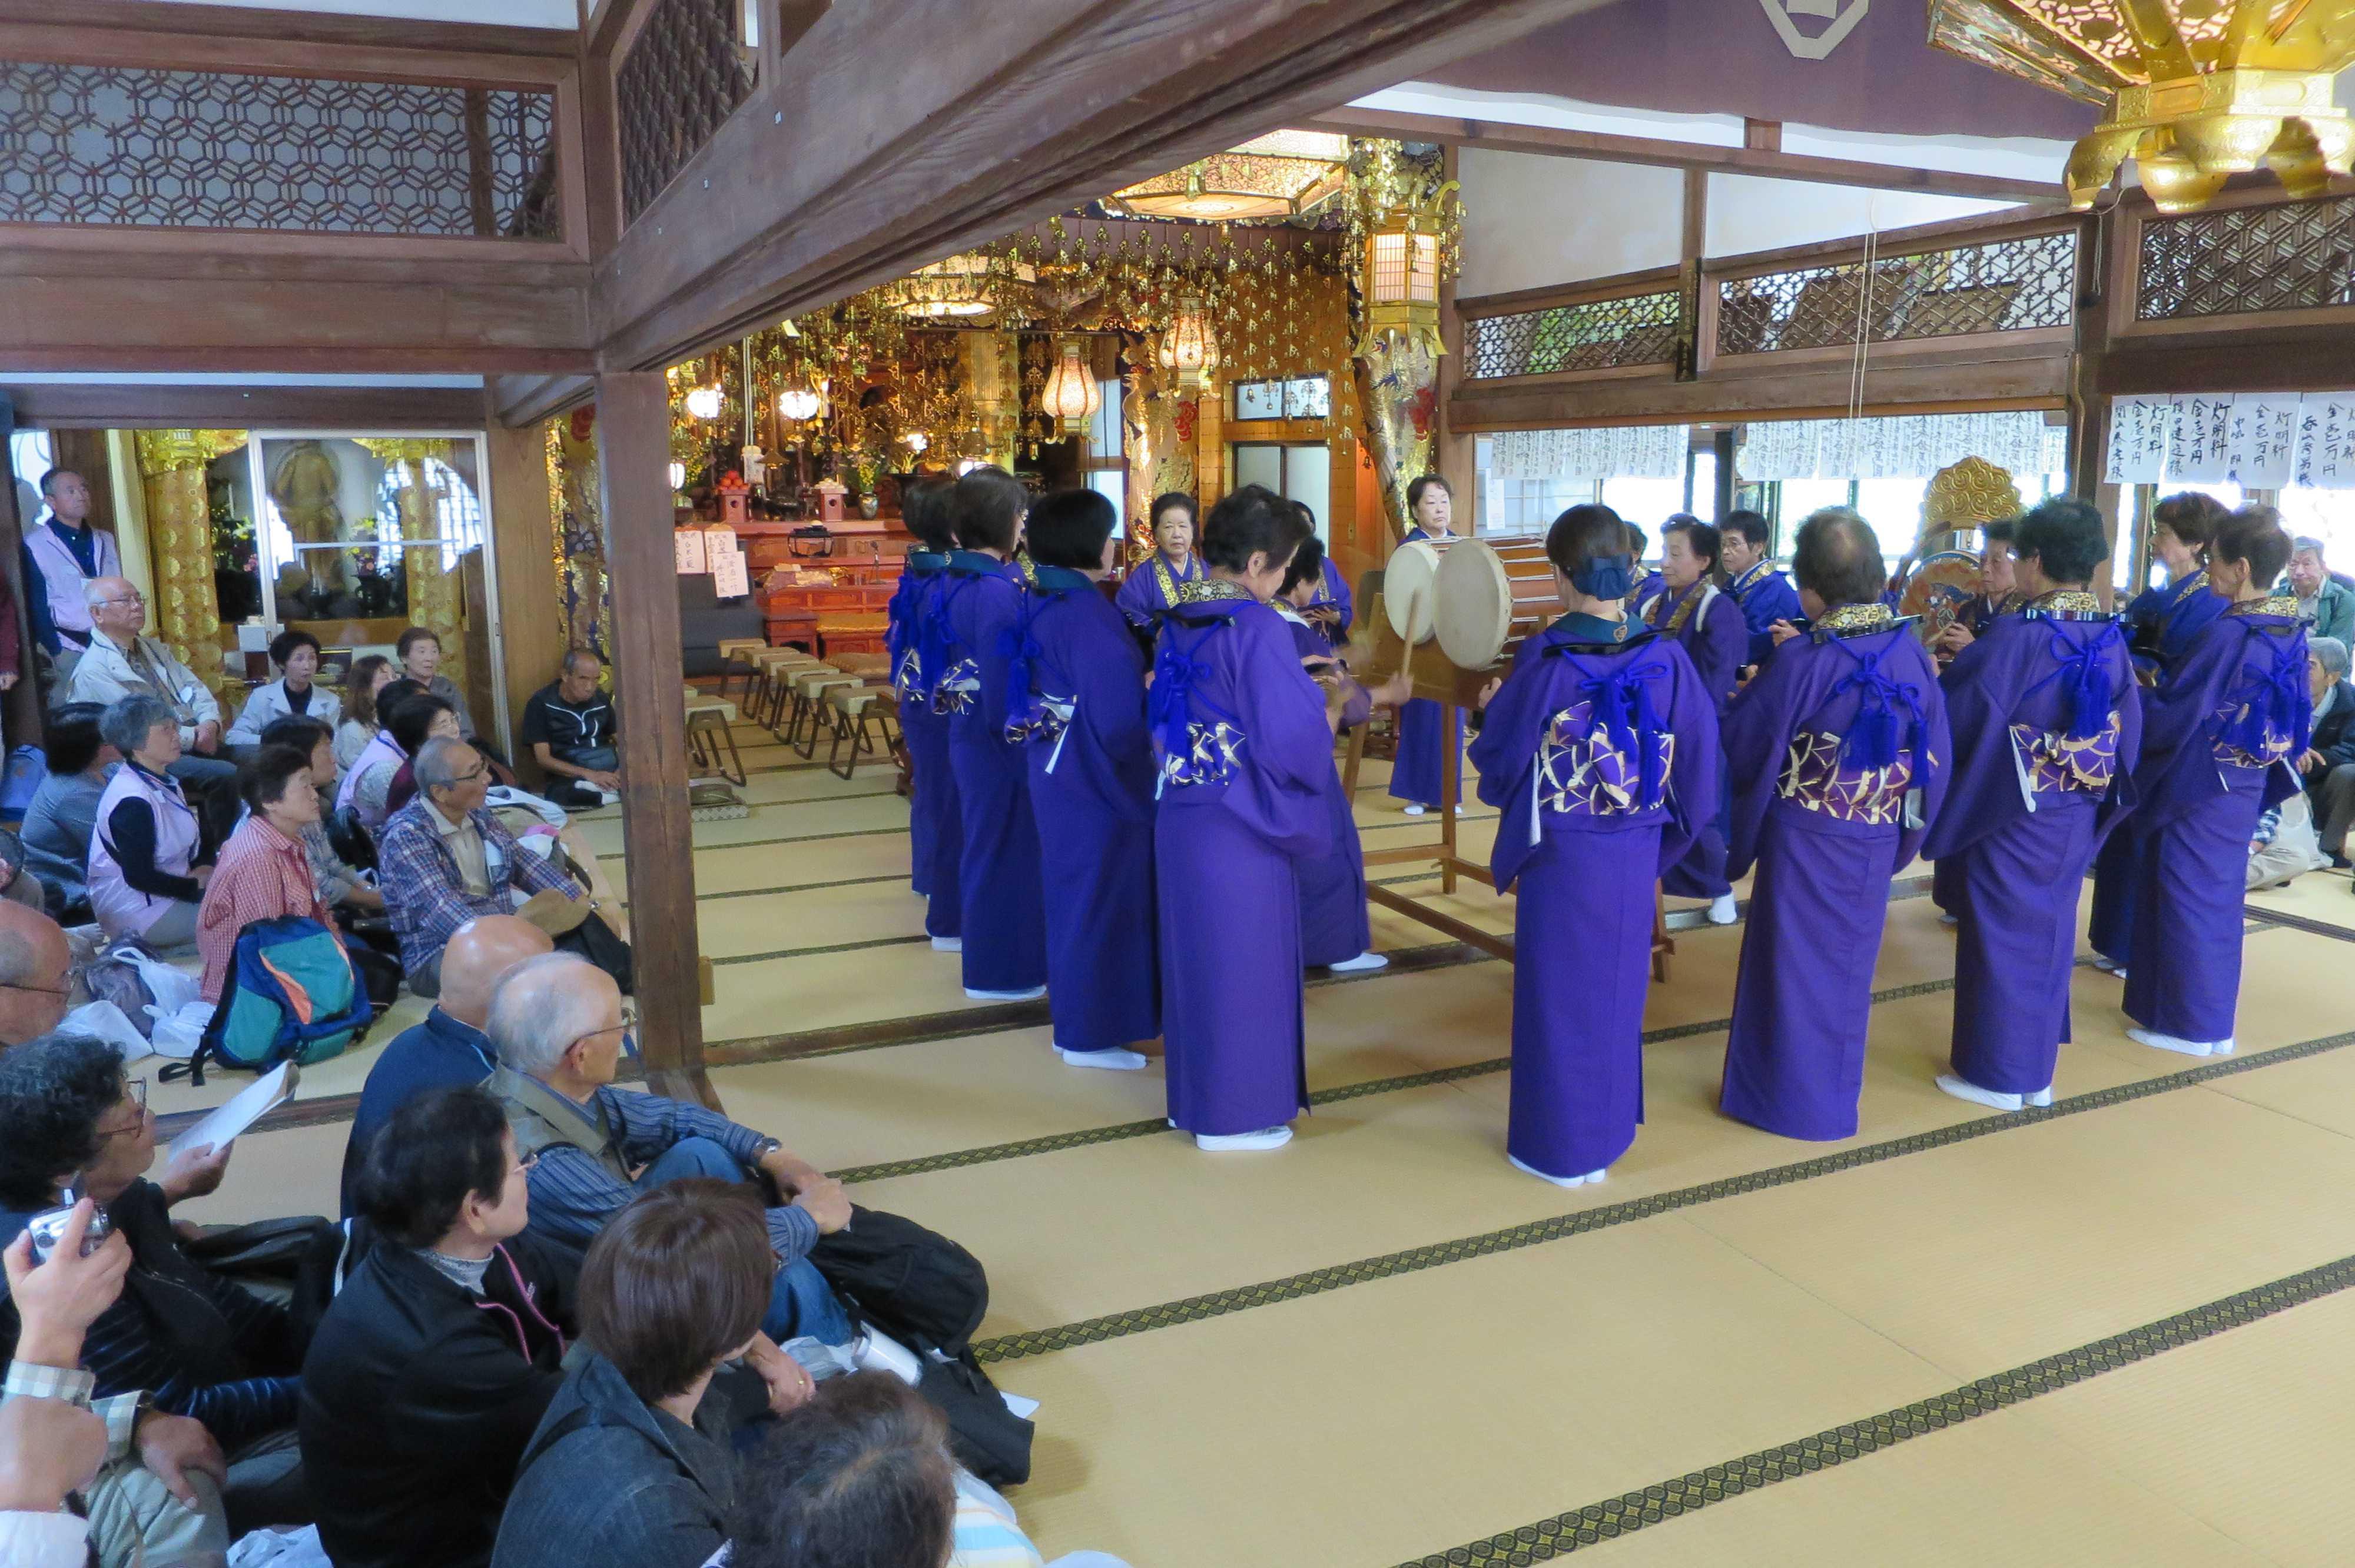 無量光寺の踊り念仏 - すばらしい空間